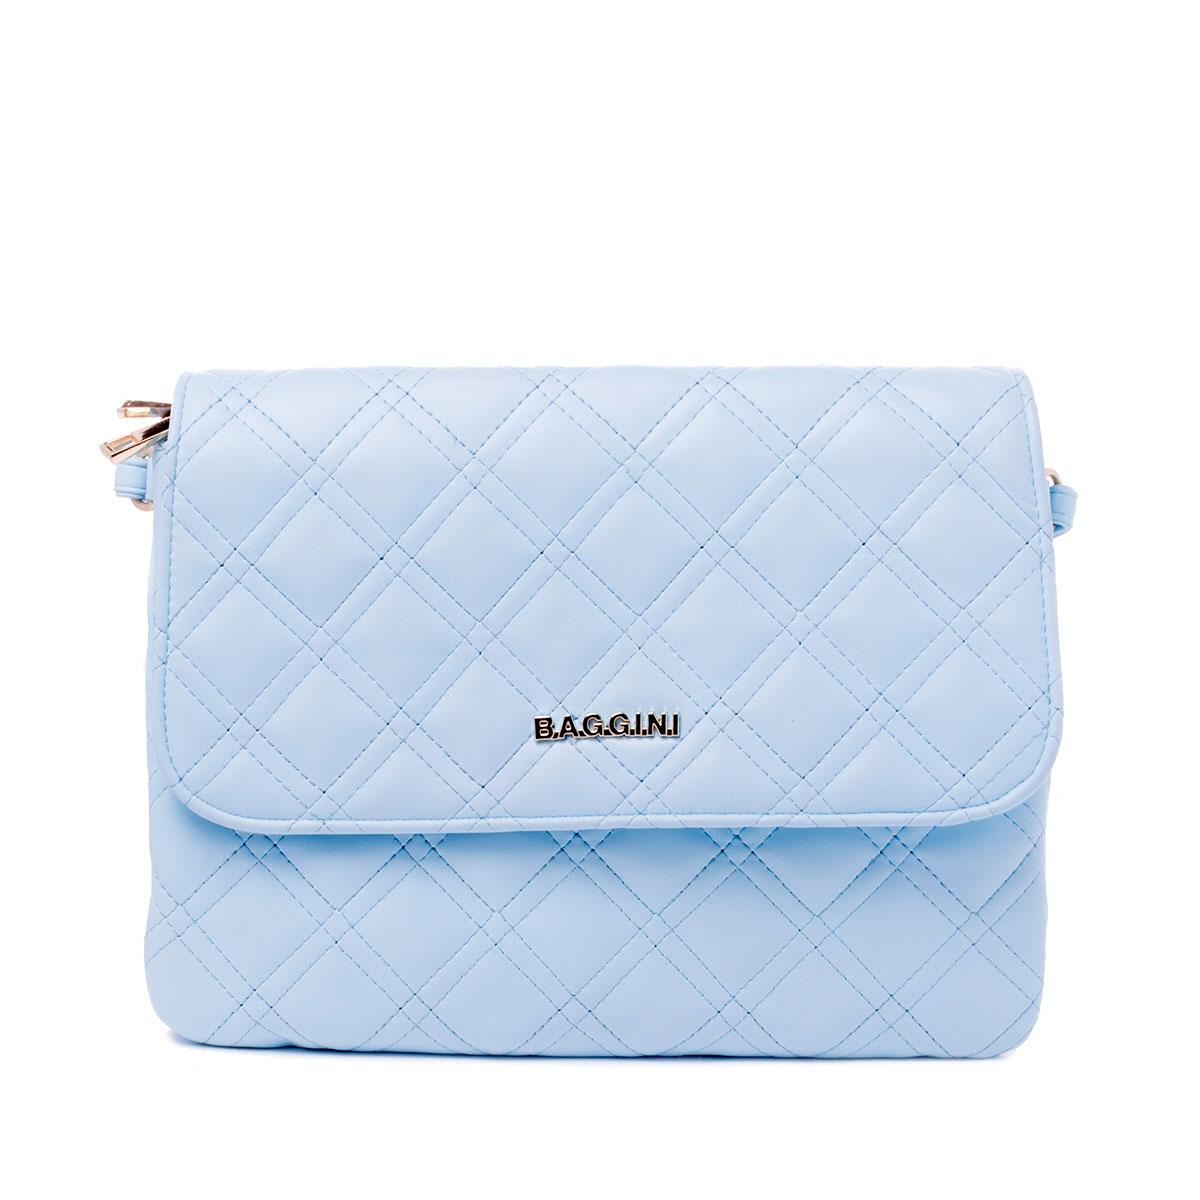 Сумка женская Baggini, цвет: голубой. 29641/4029641/40